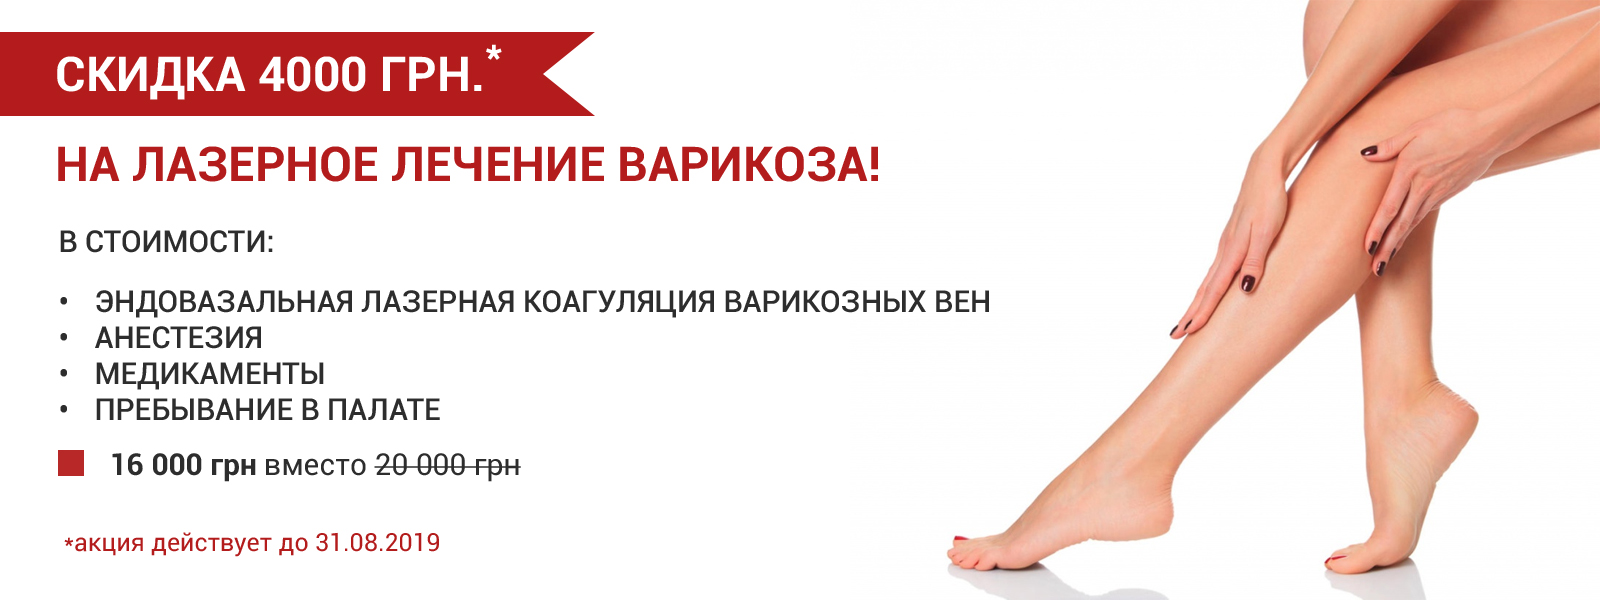 lechenie_varikoza_lazerom